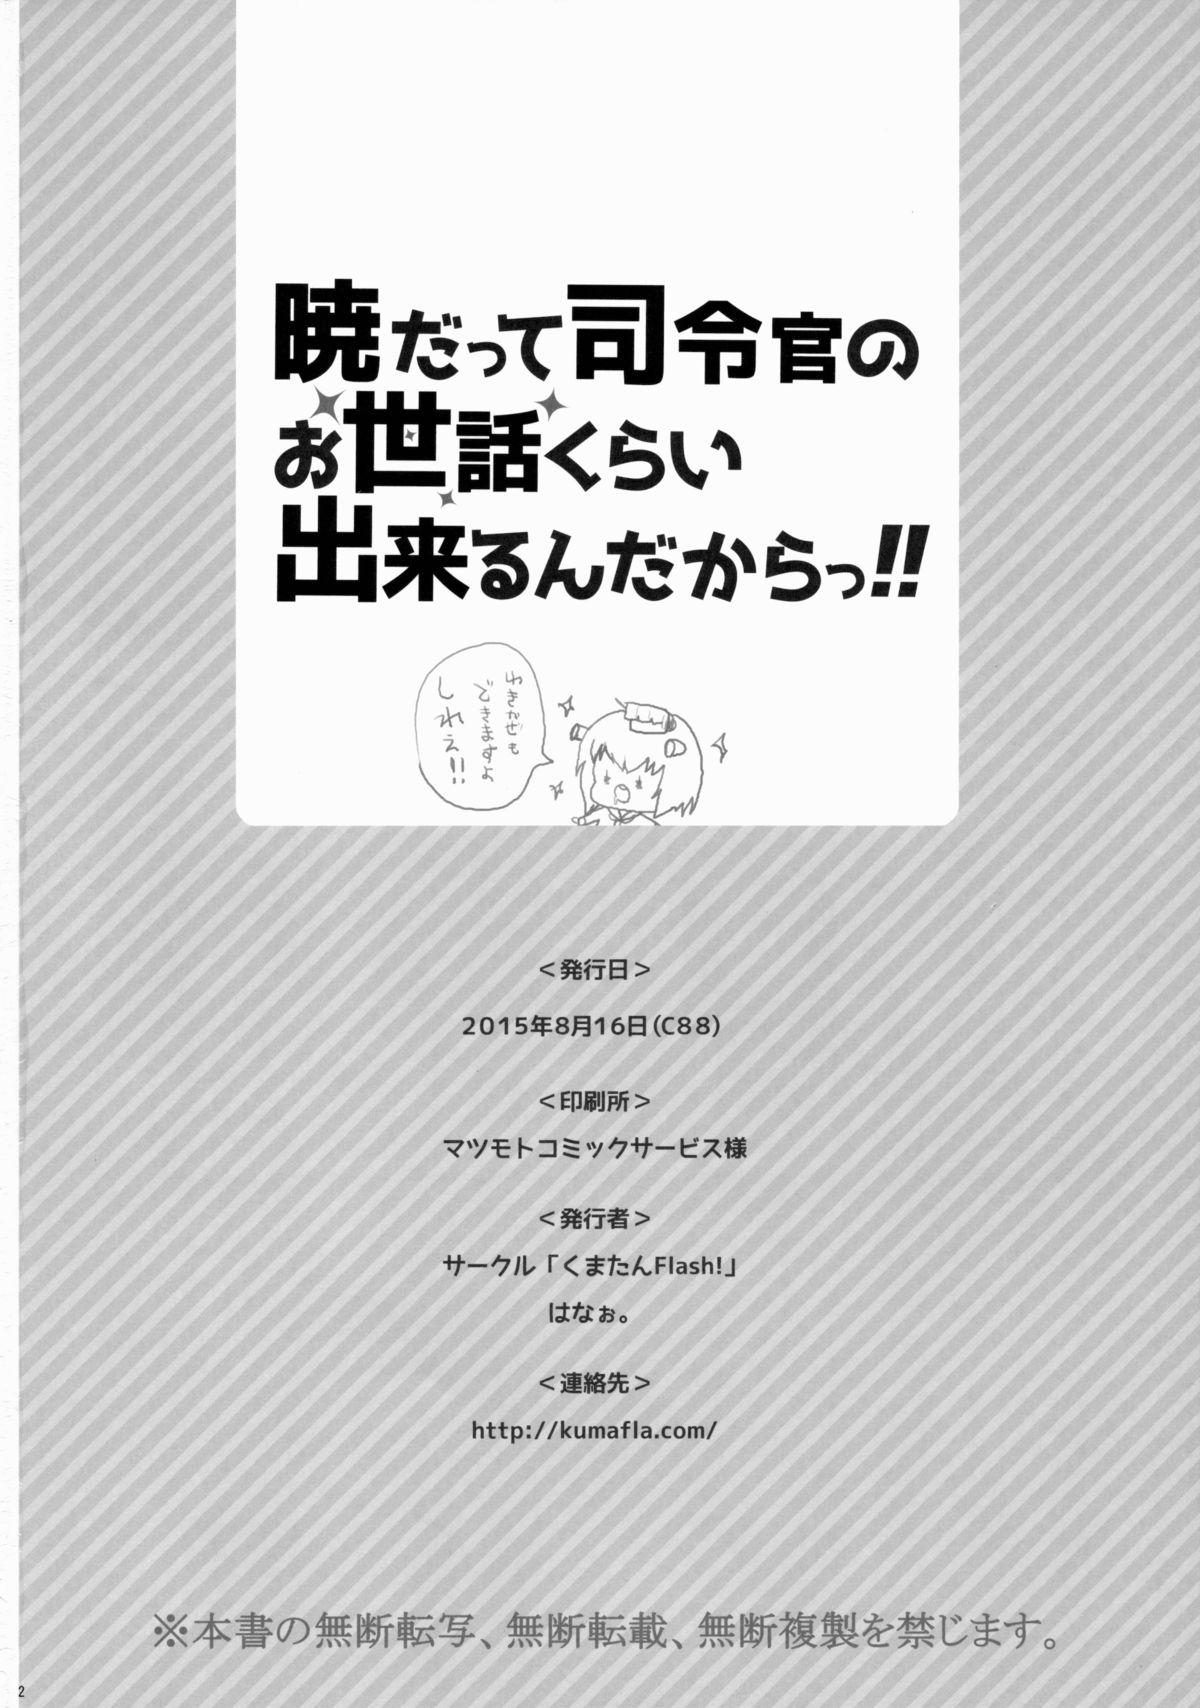 Akatsuki datte Shireikan no Osewa kurai Dekirundakara!! 40